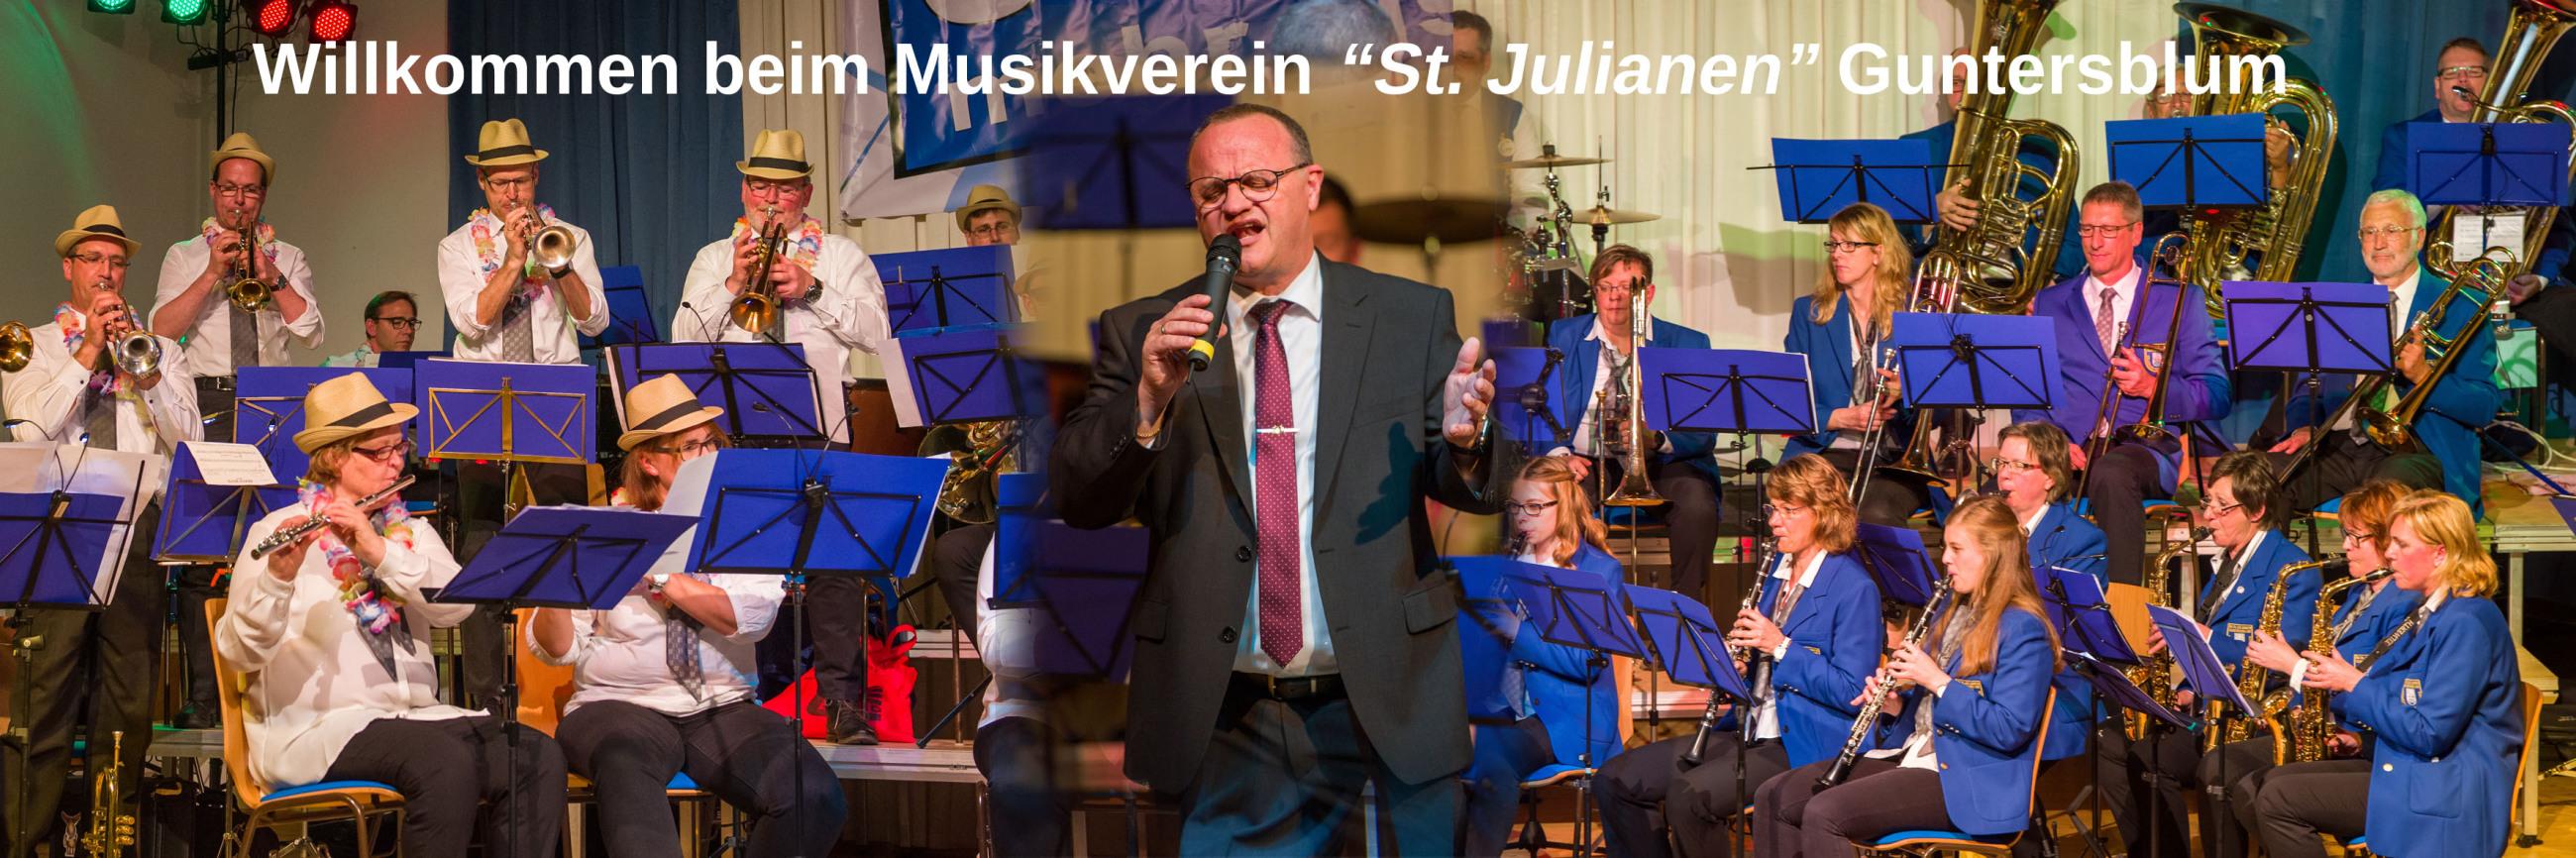 """Willkommen beim Musikverein """"St. Julianen"""" Guntersblum"""